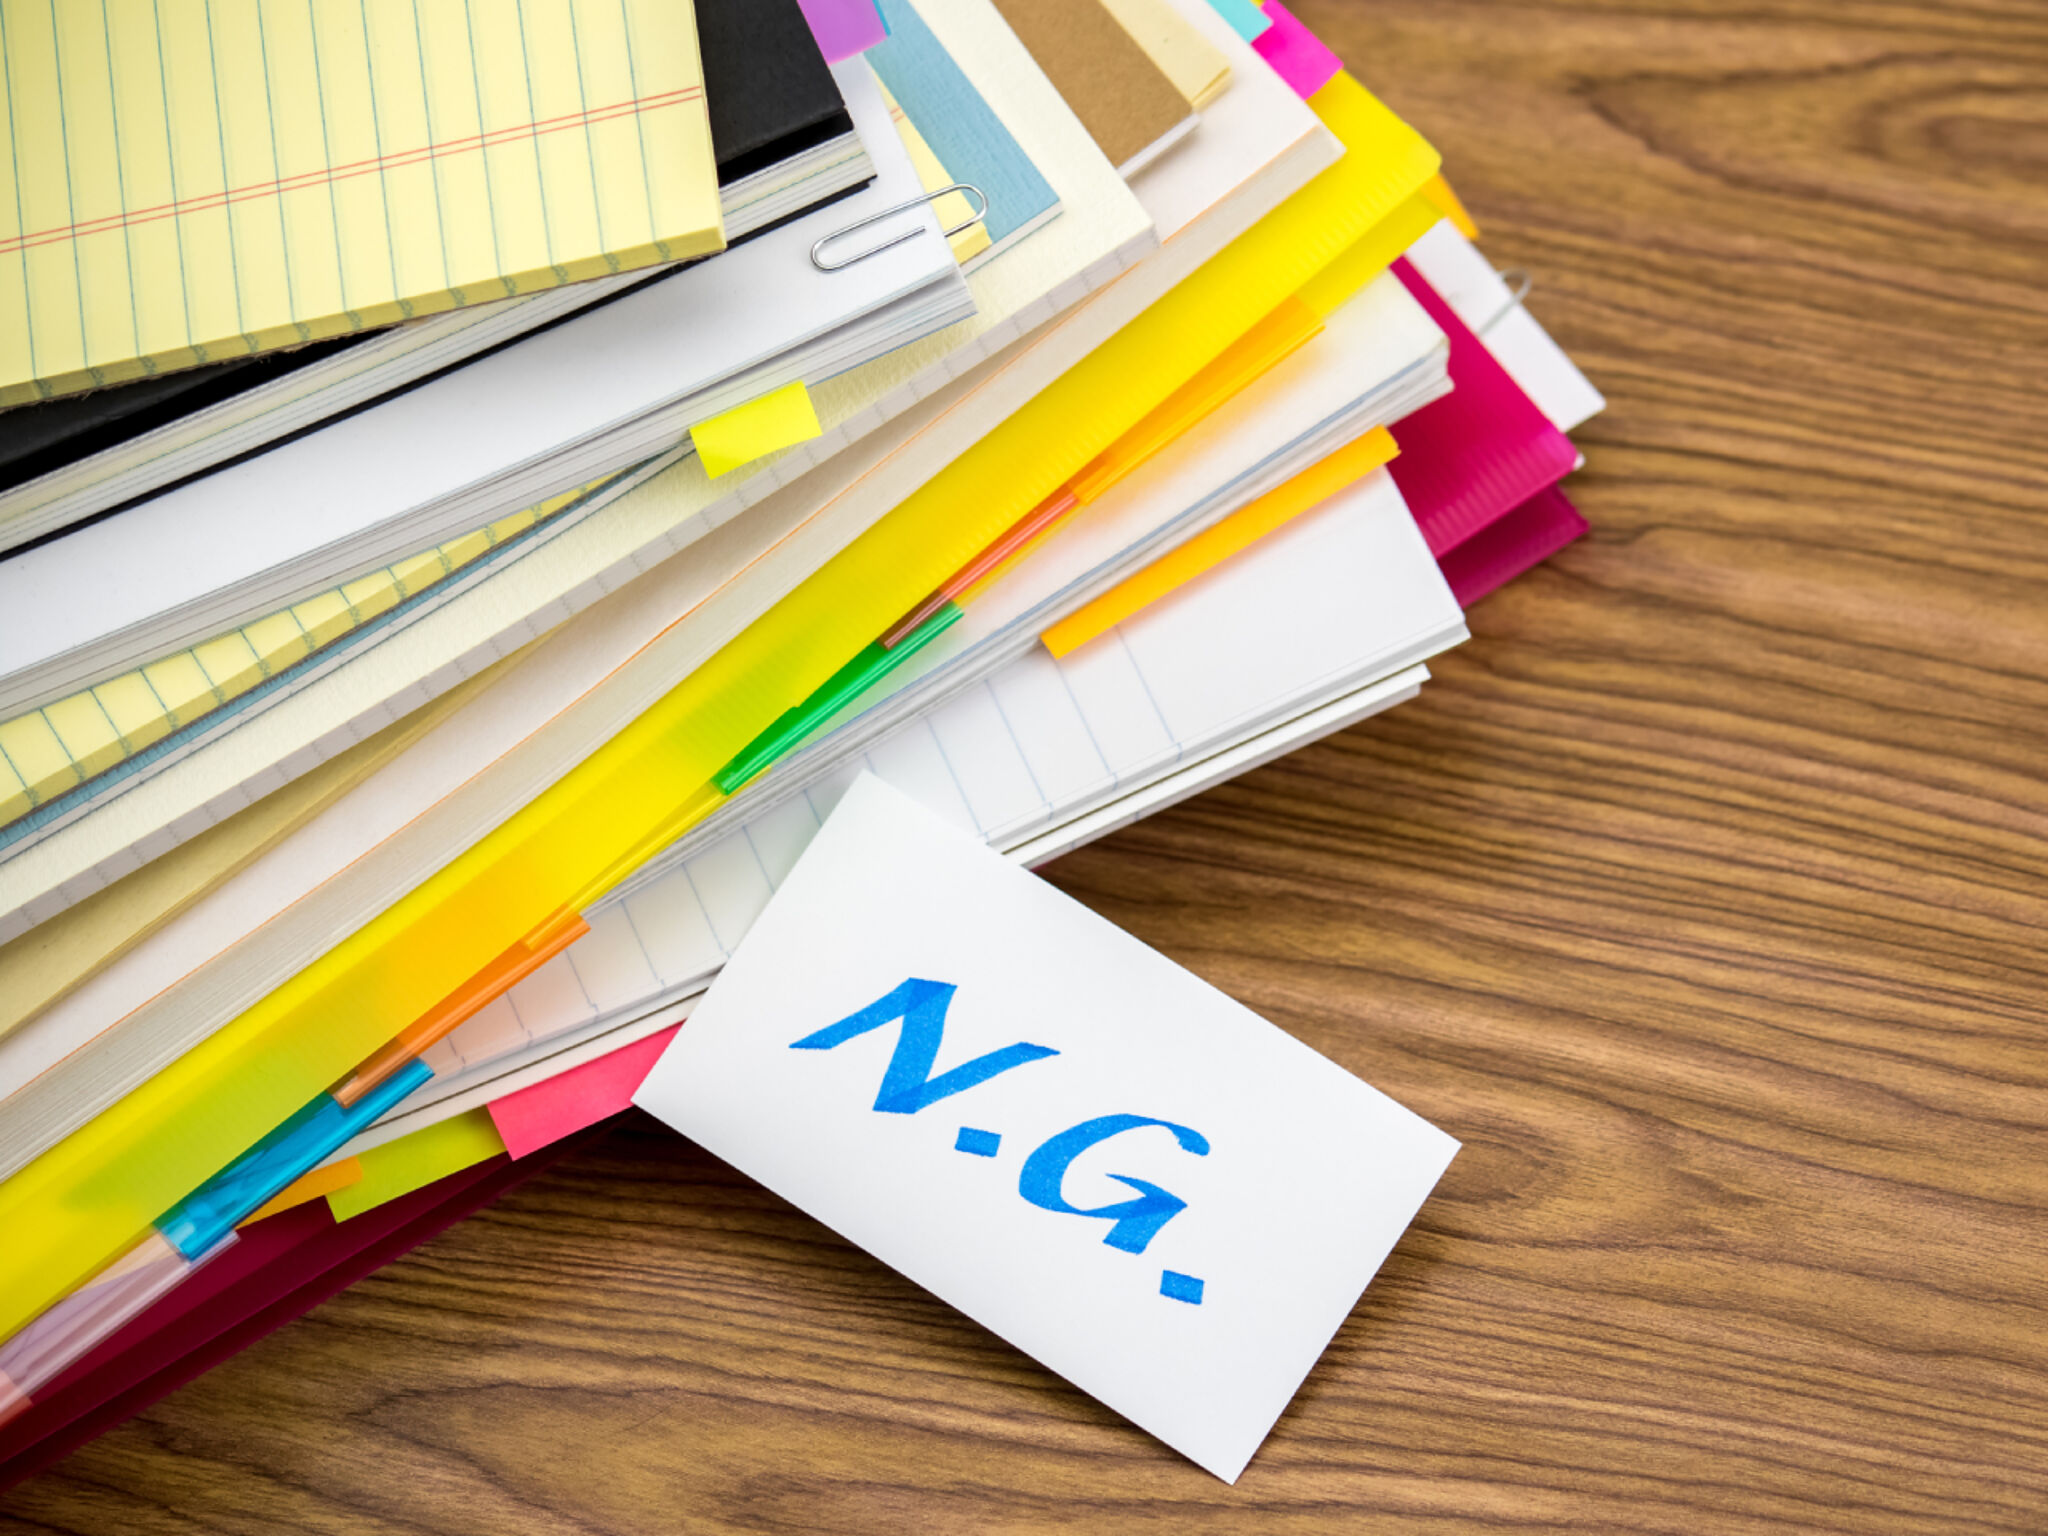 積み重ねられたノートと「NG」と書いてある紙の画像